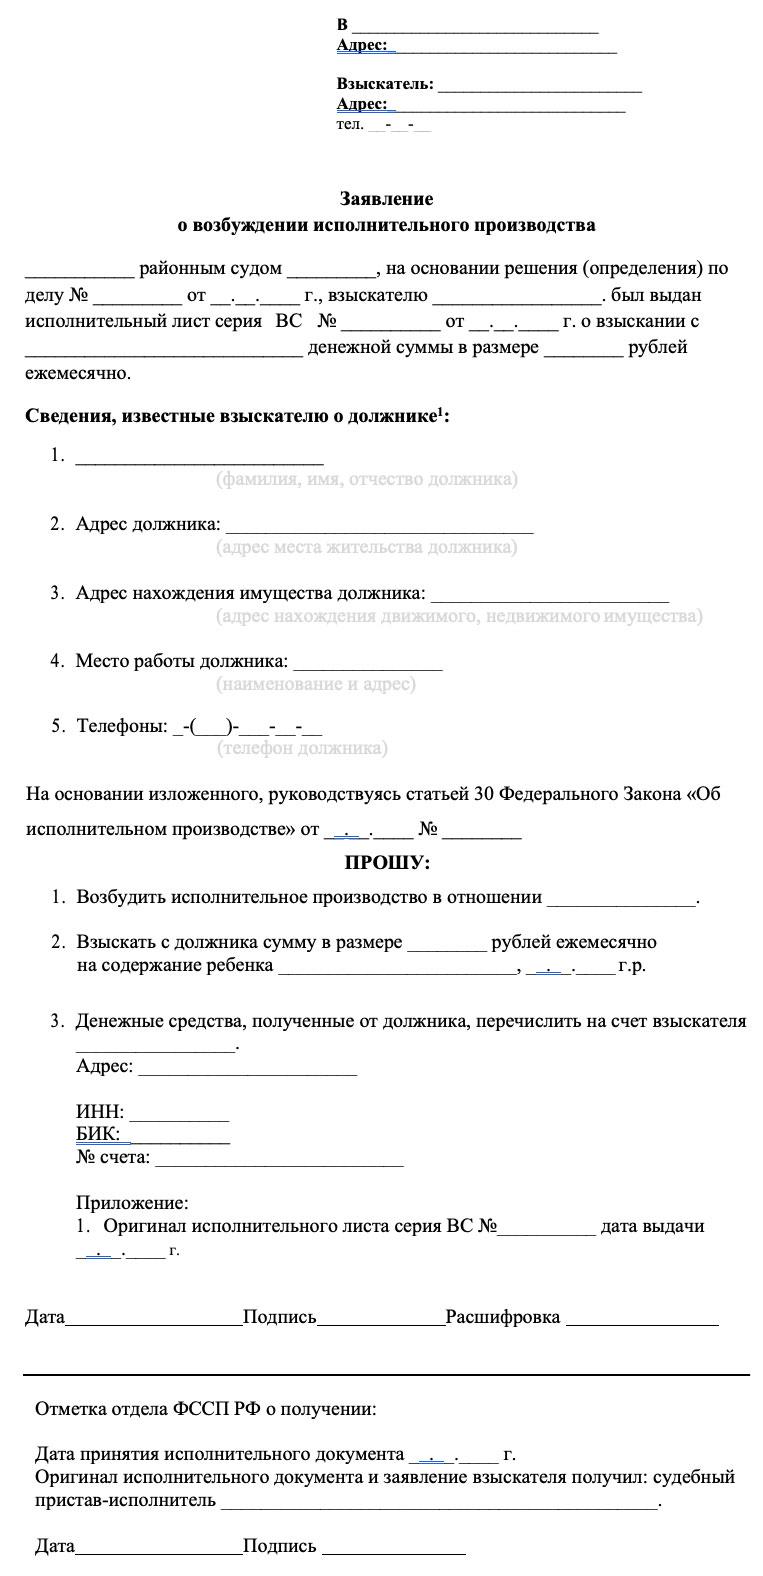 Заявления о взыскании алиментов